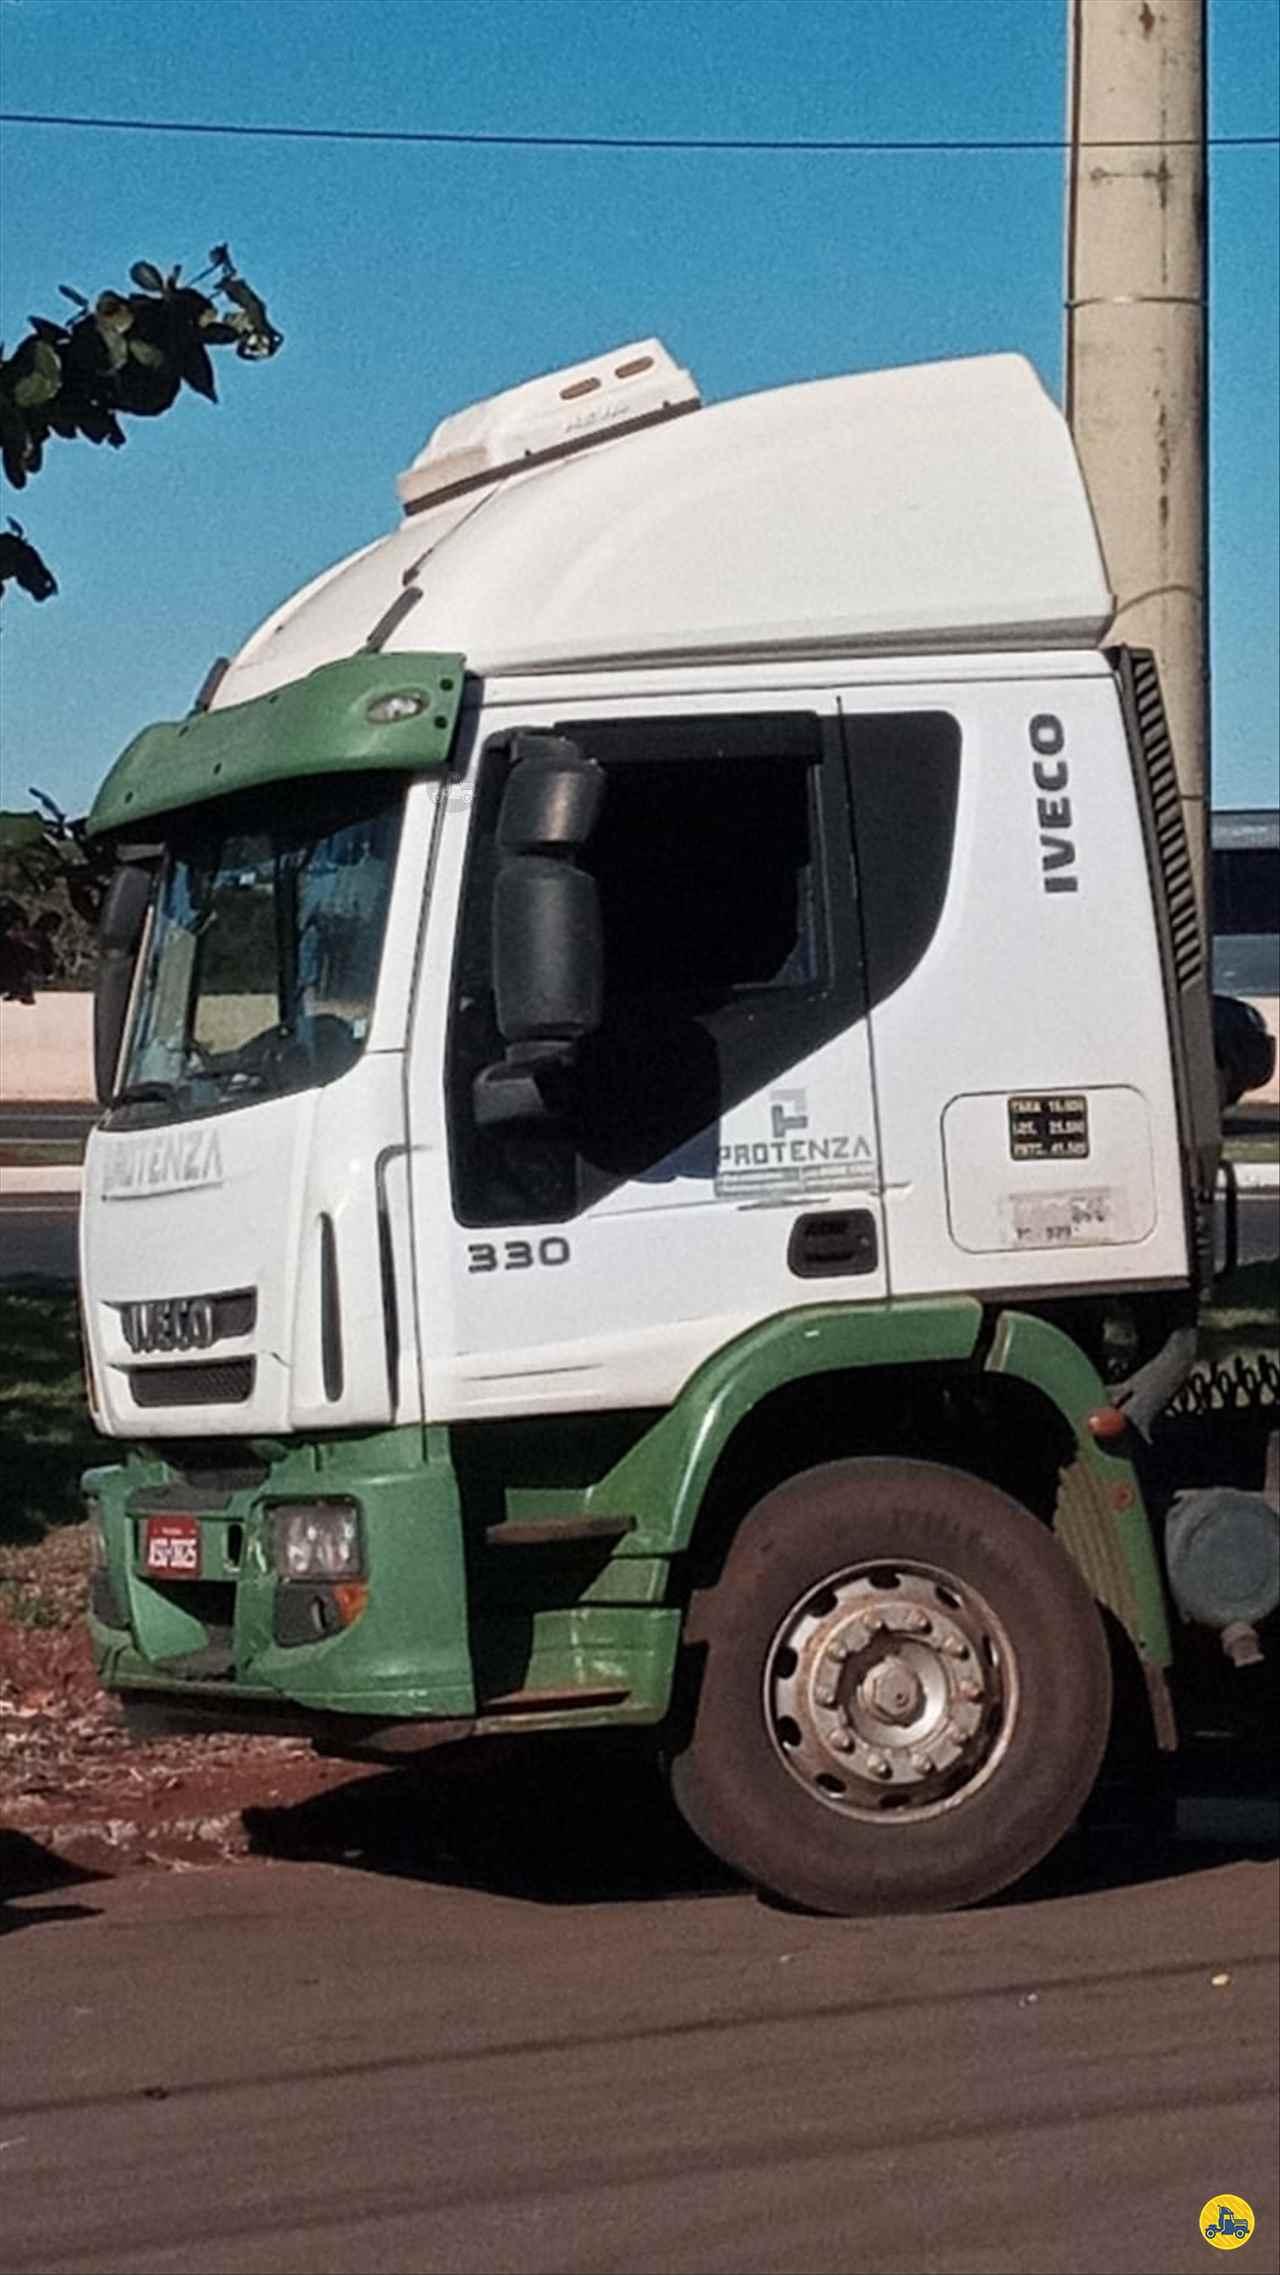 CAMINHAO IVECO CURSOR 450E33 Cavalo Mecânico Toco 4x2 Maracavel Londrina Caminhões LONDRINA PARANÁ PR